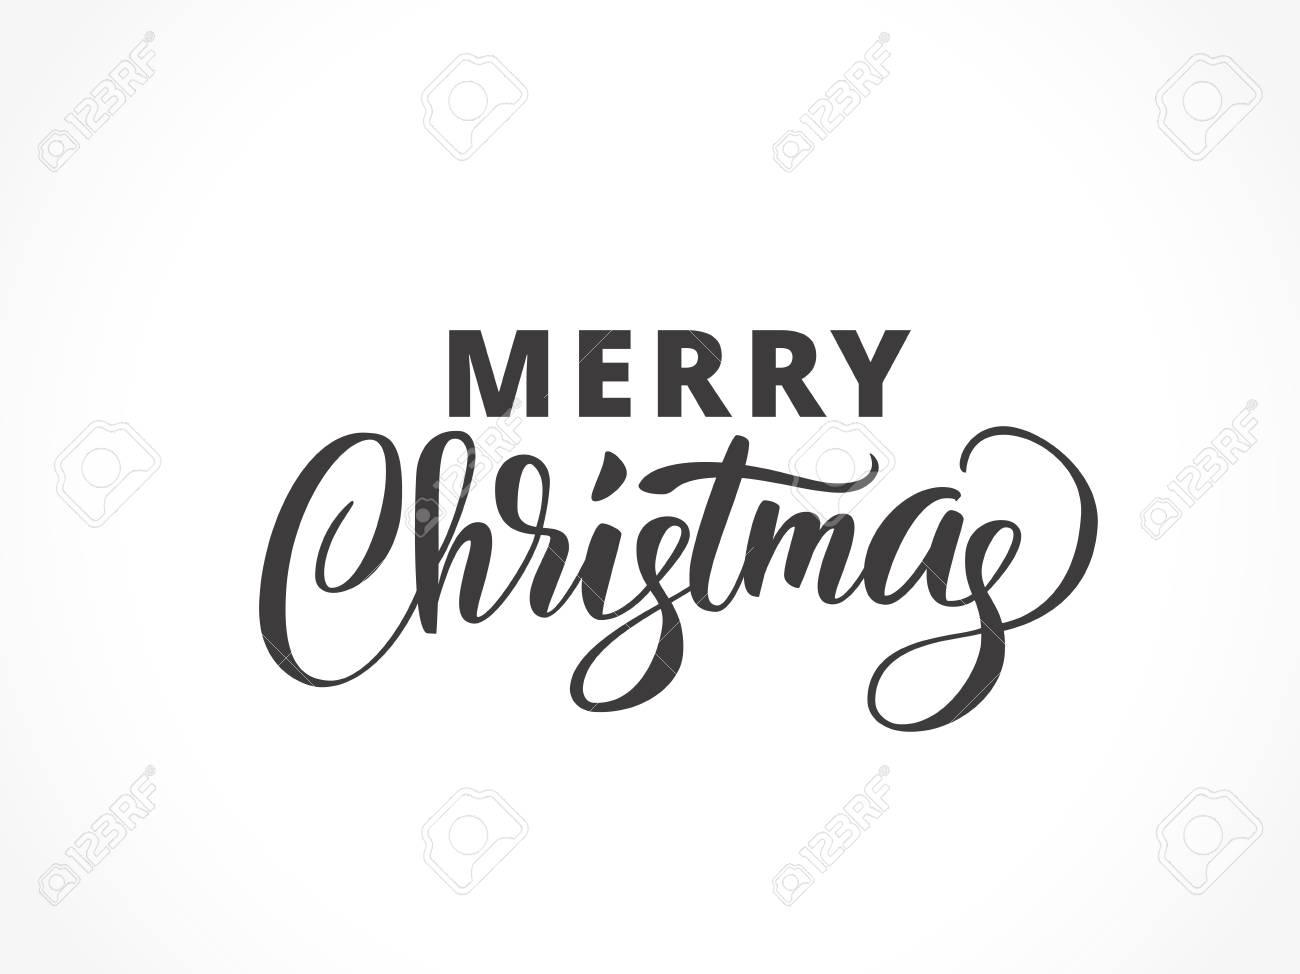 筆文字でメリー クリスマスのタイポグラフィ。クリスマスのロゴ、手書きテキスト、あなたの設計のためのカリグラフィー。EPS10 のベクター イラストです。